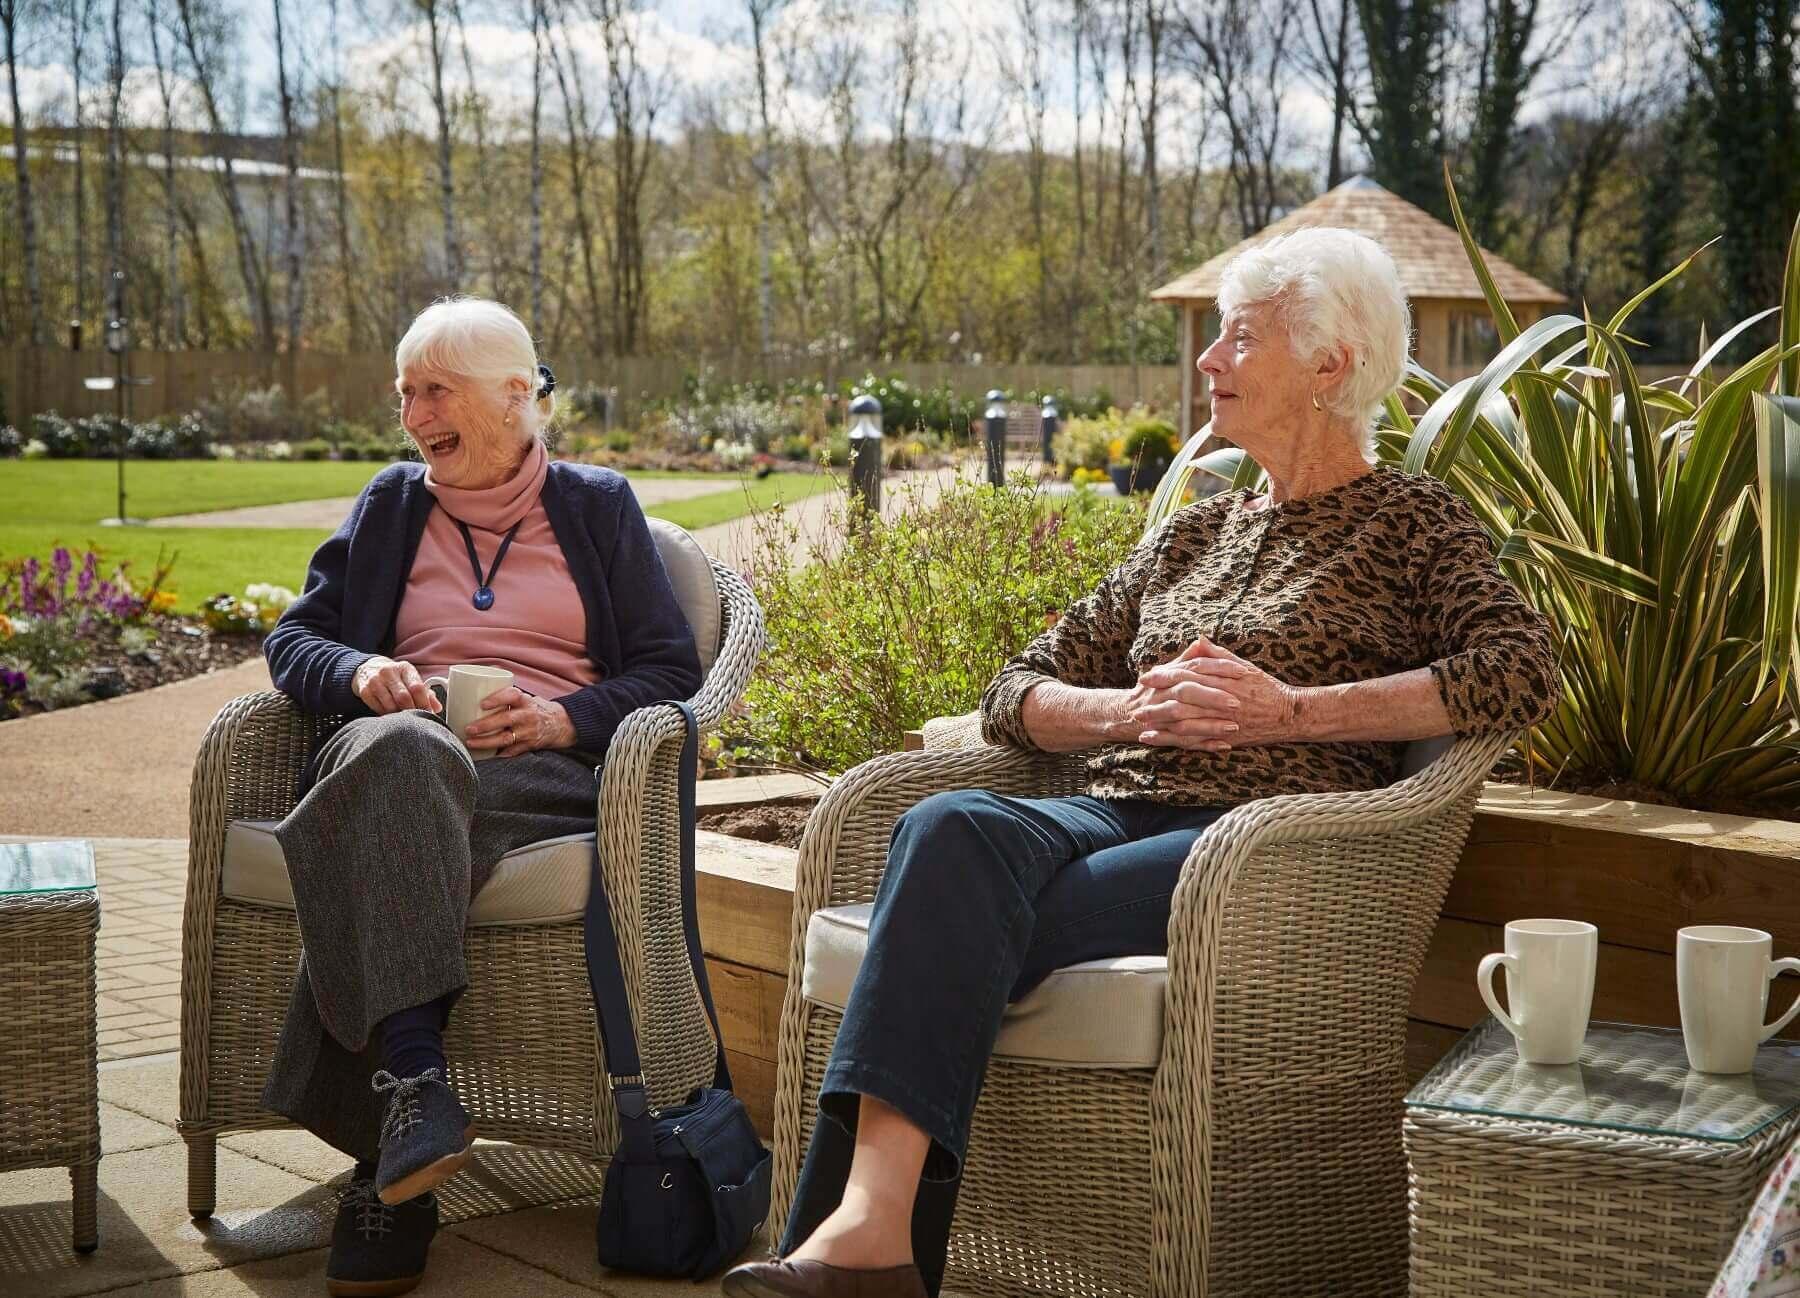 Sheffield resident retirement home